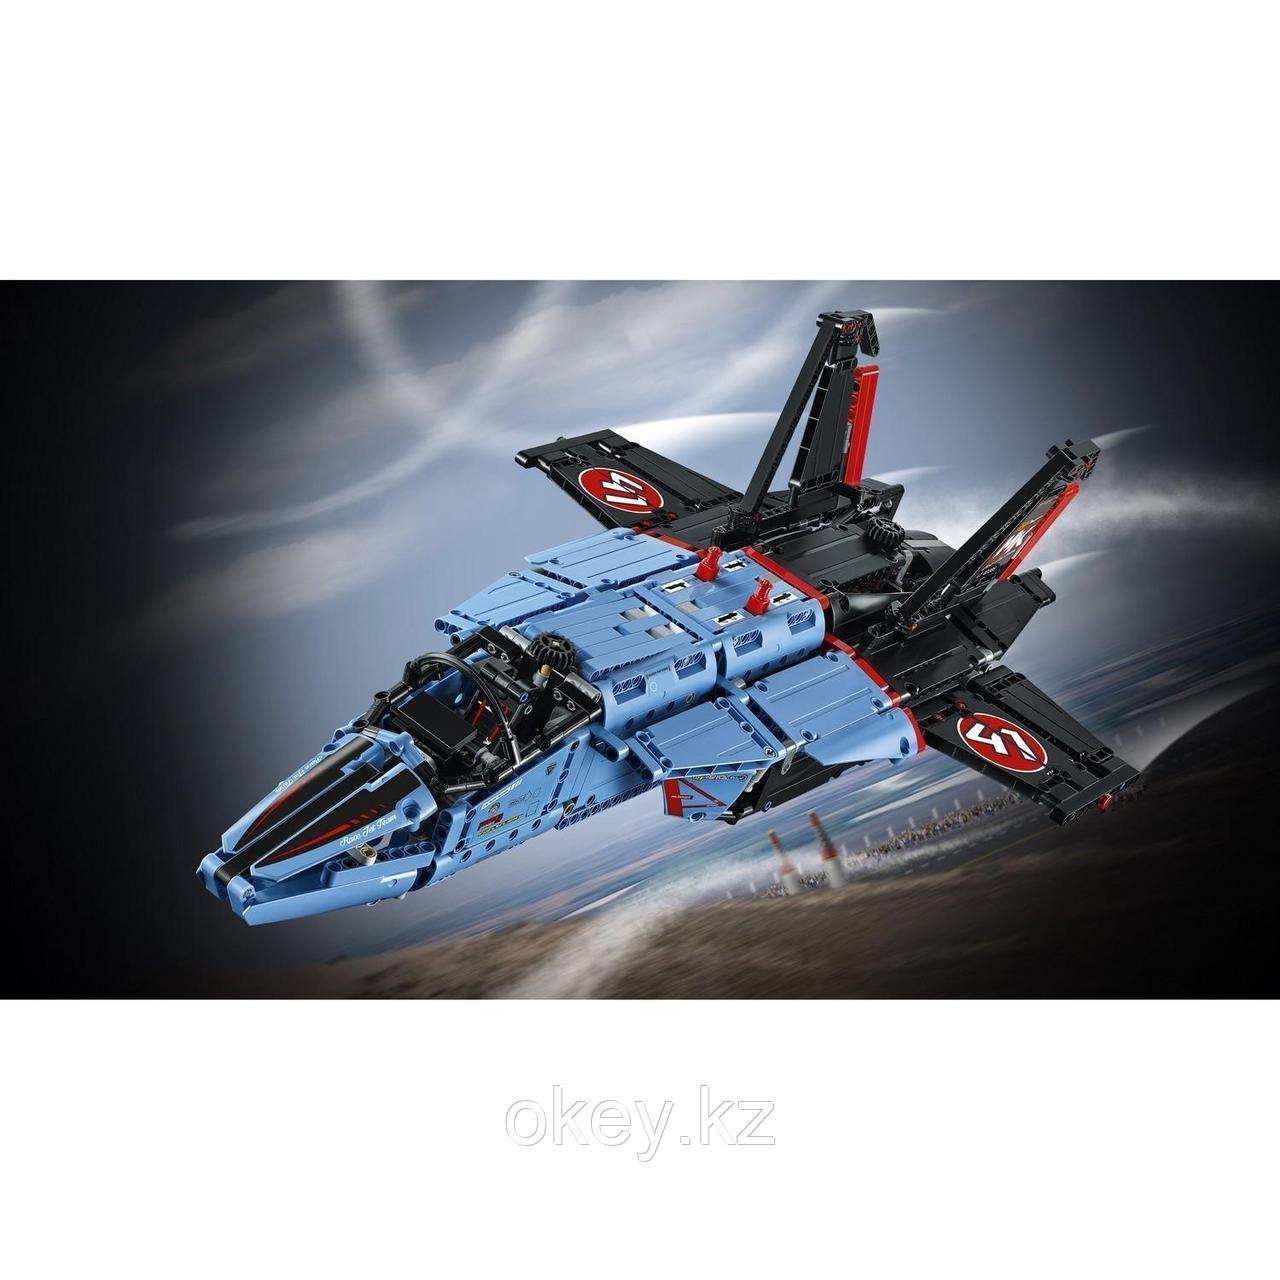 LEGO Technic: Сверхзвуковой истребитель 42066 - фото 9